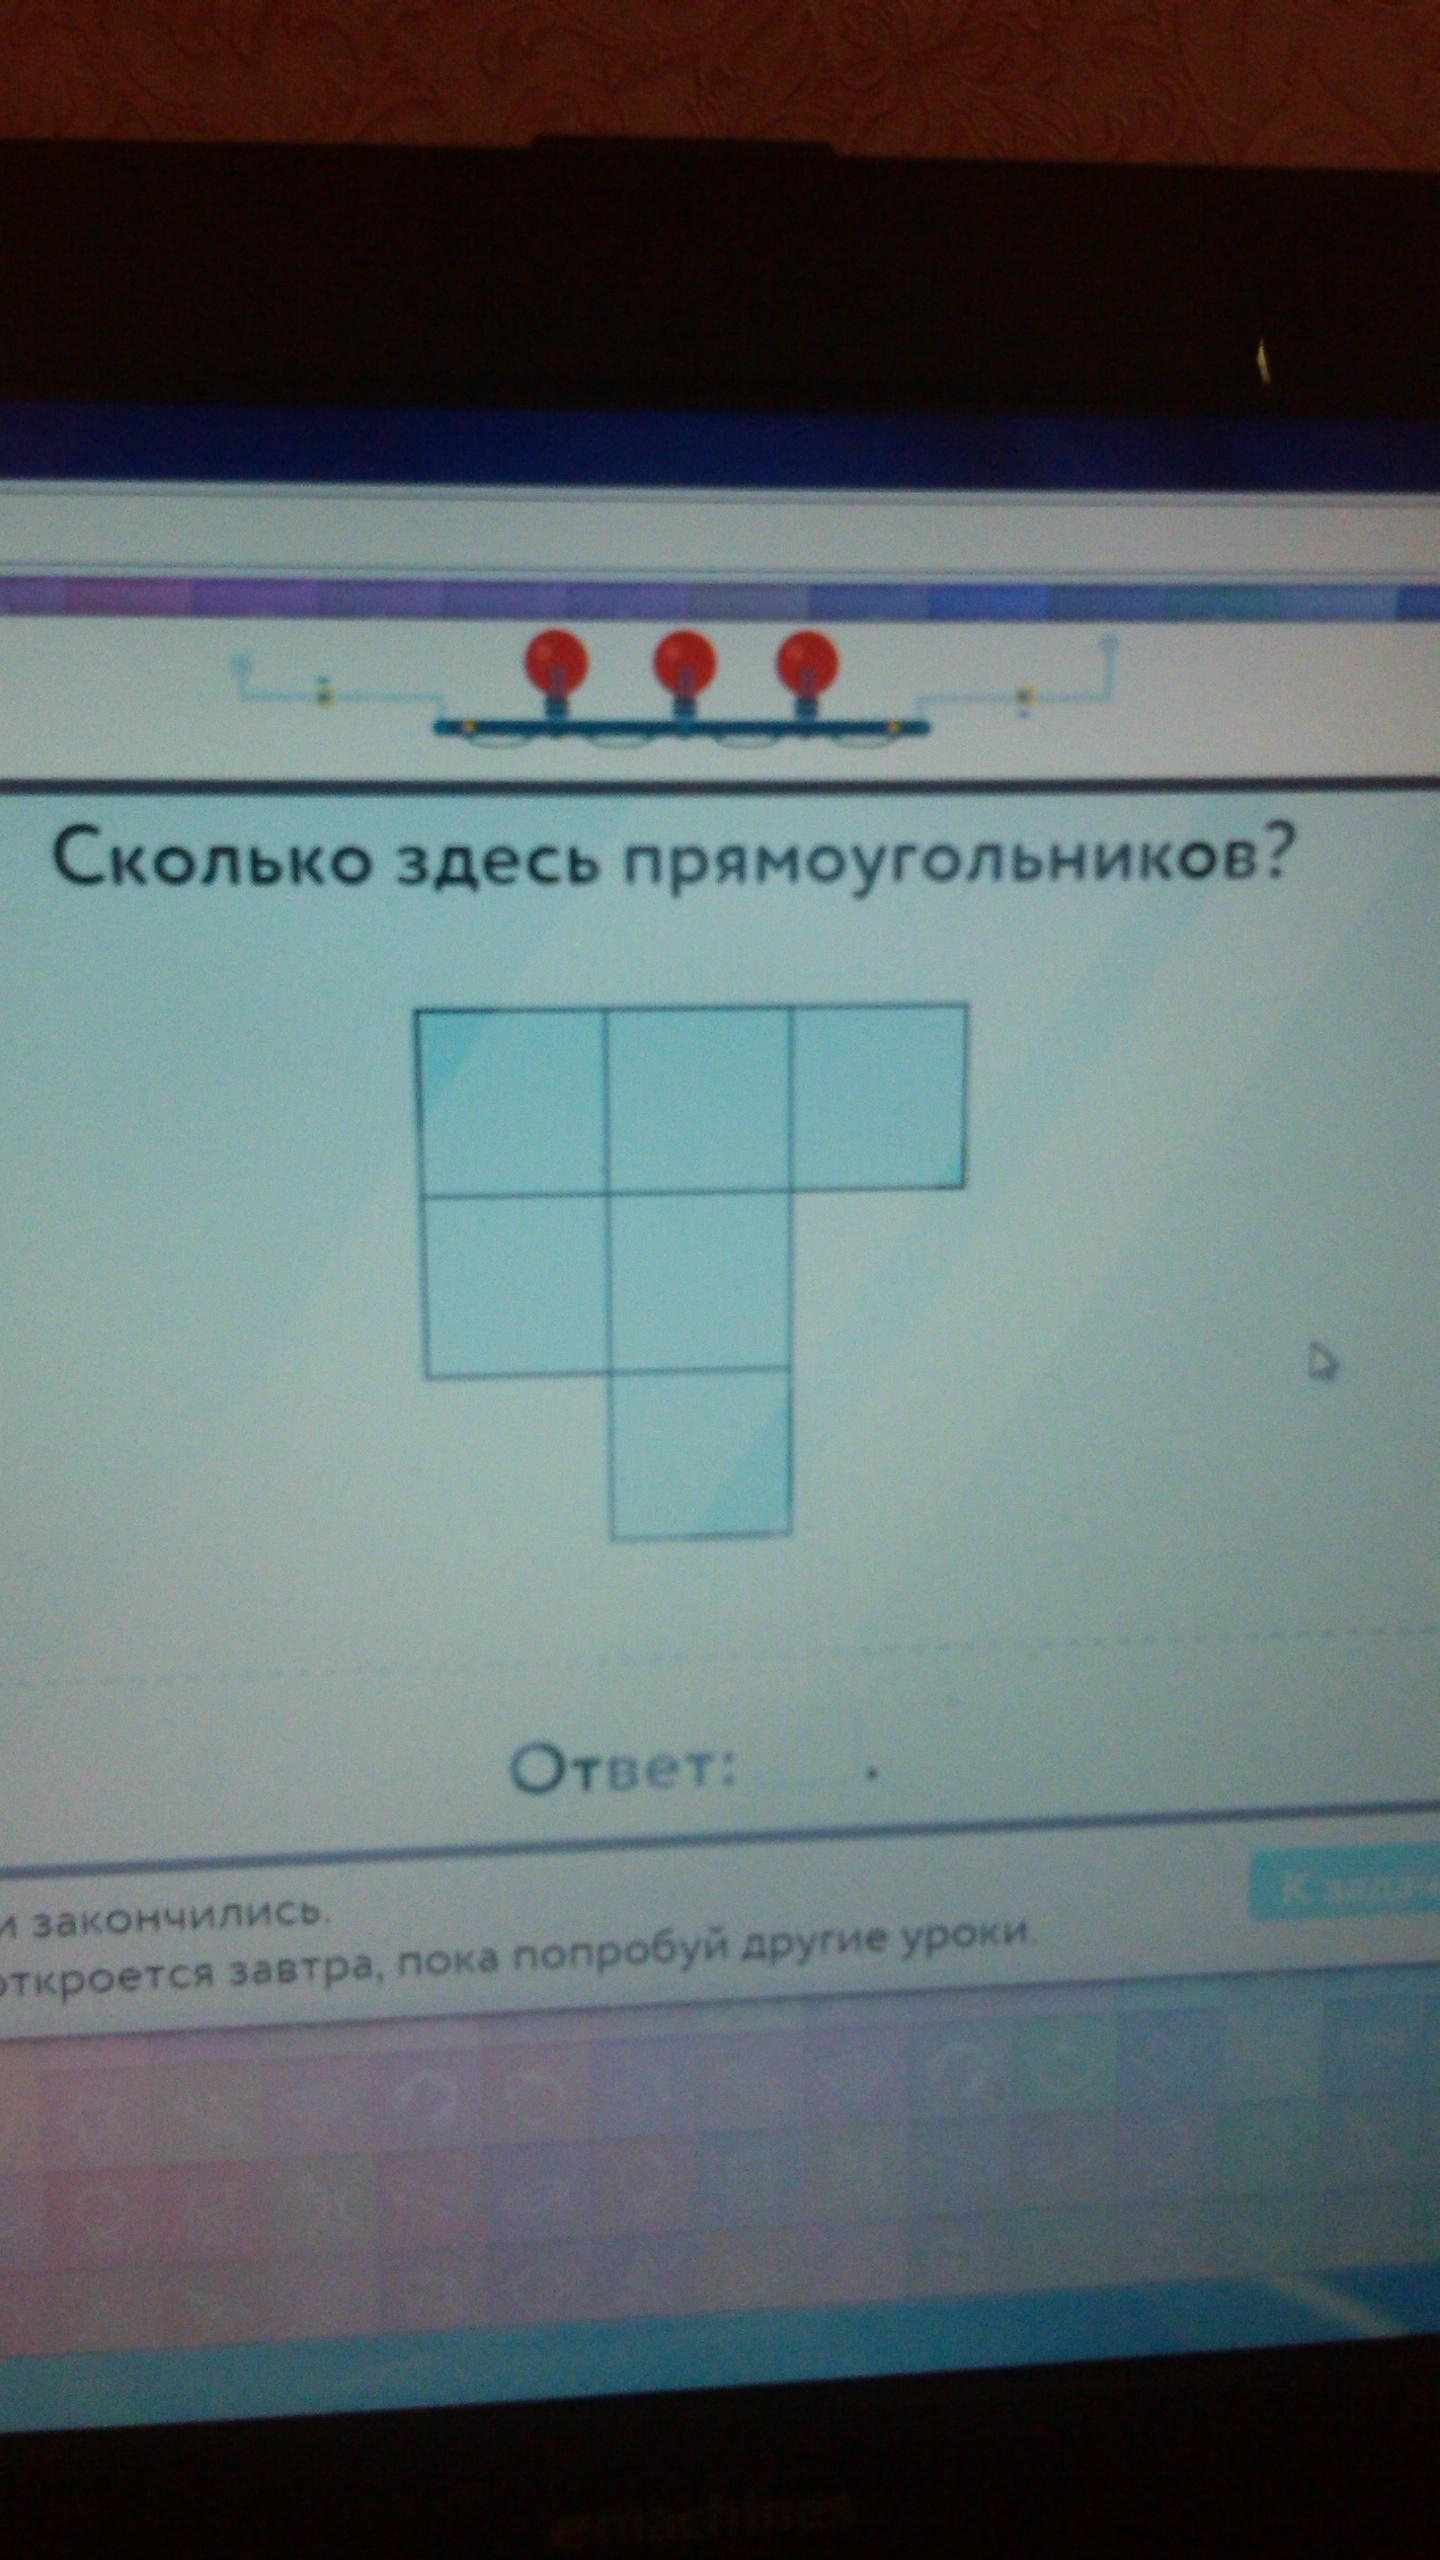 Сколько здесь прямоугольников???